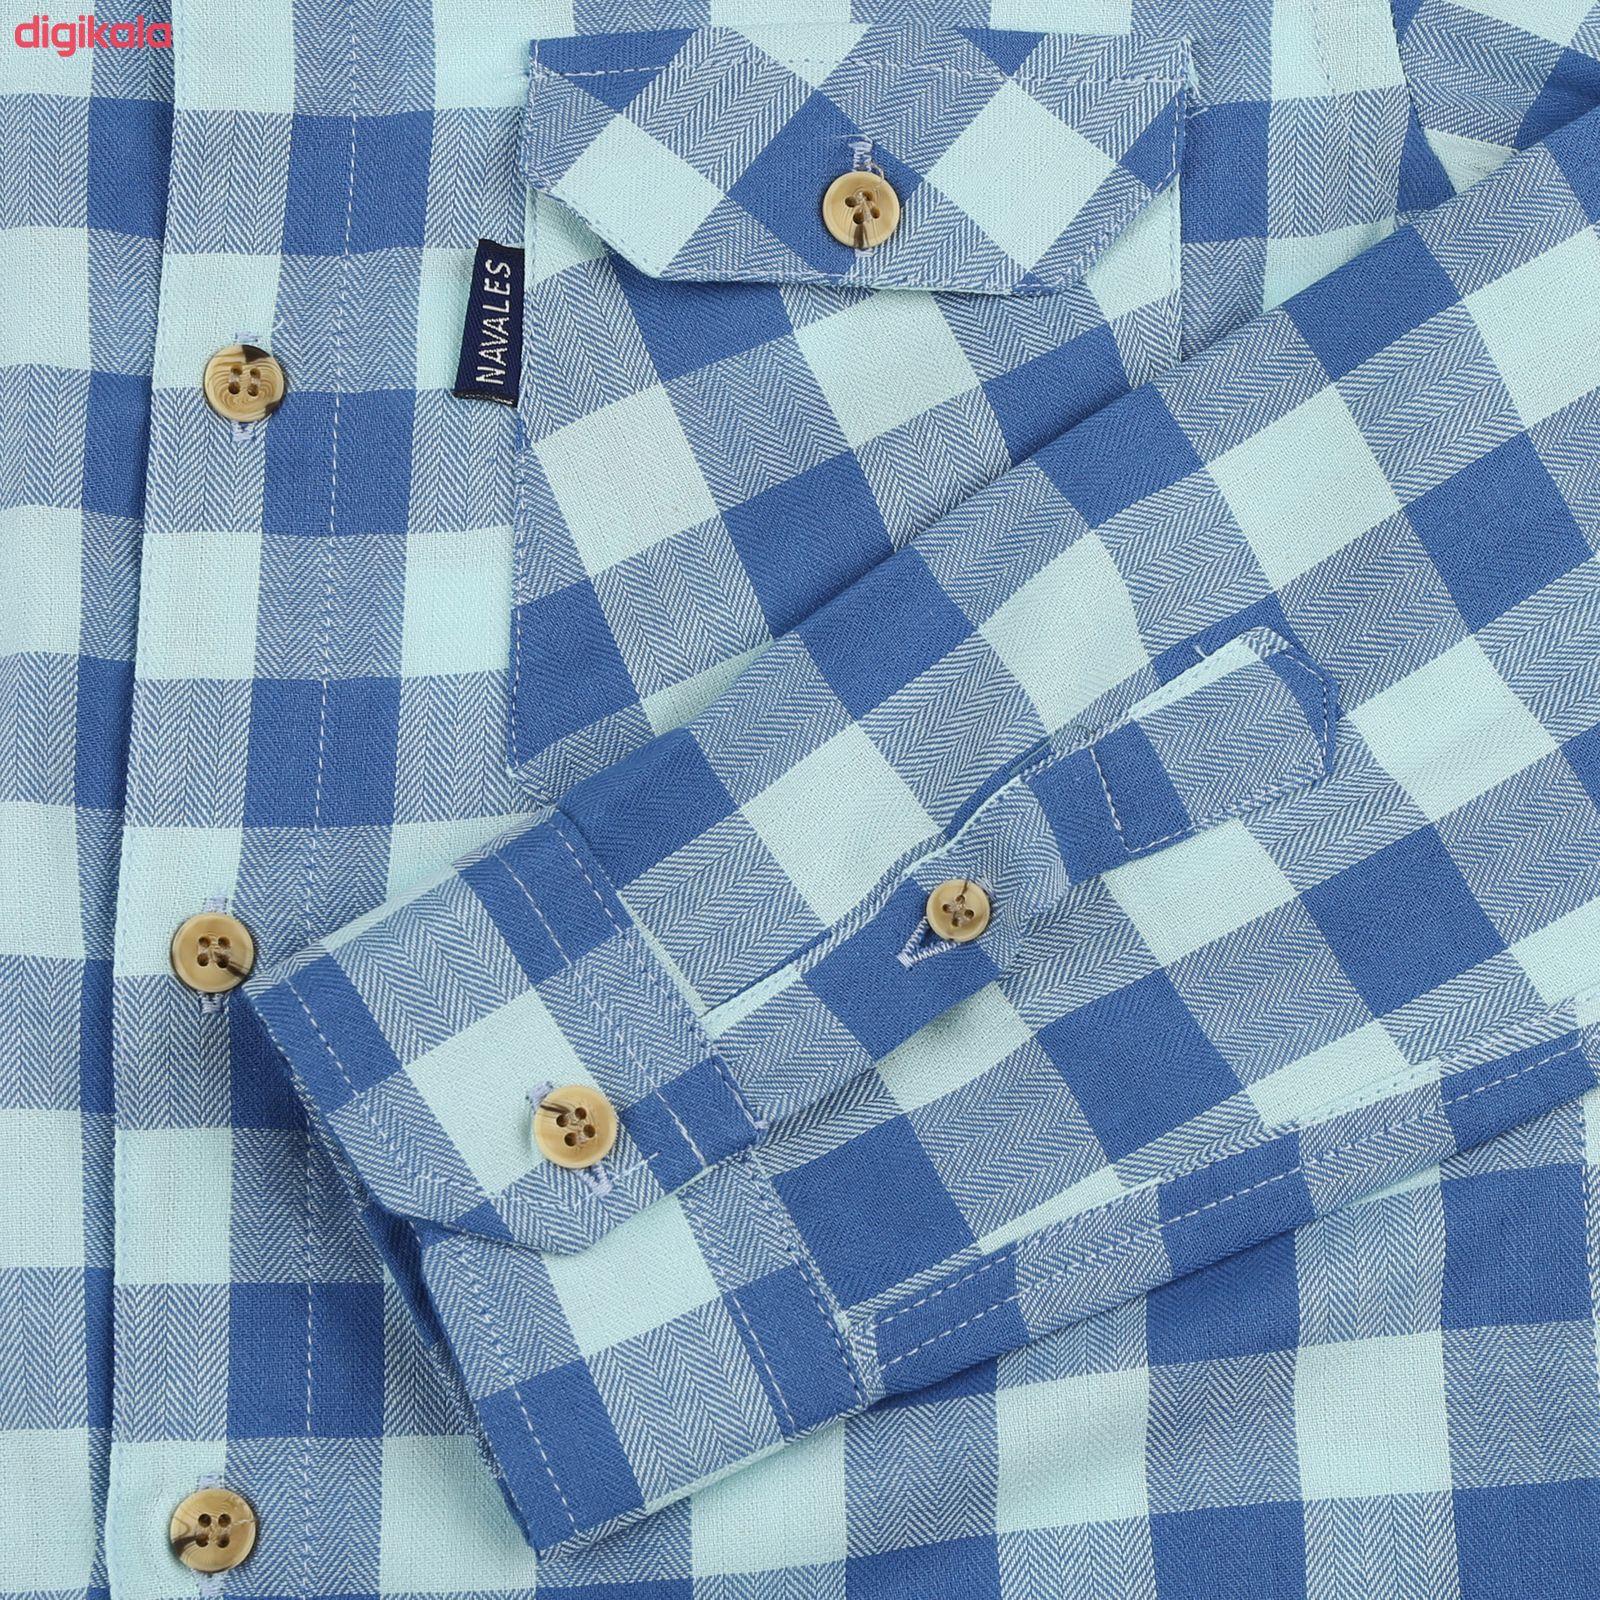 پیراهن پسرانه ناوالس کد D-20119-BL main 1 3